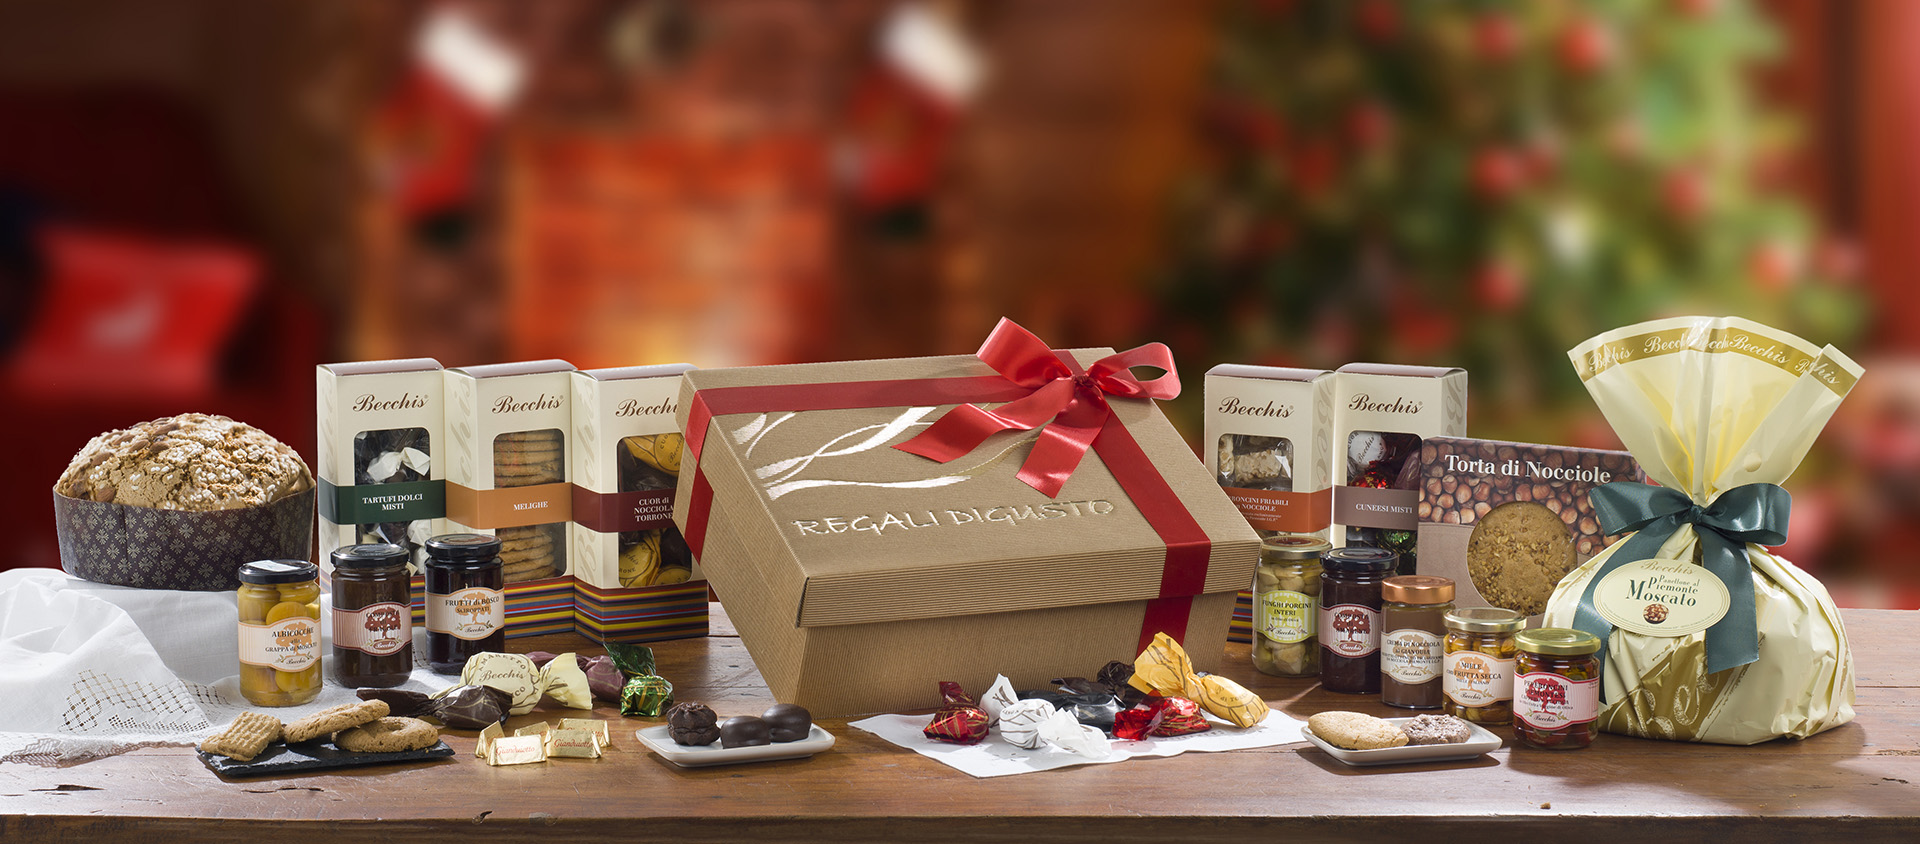 Cesti natalizi aziendali con prodotti artigianali di alta qualità